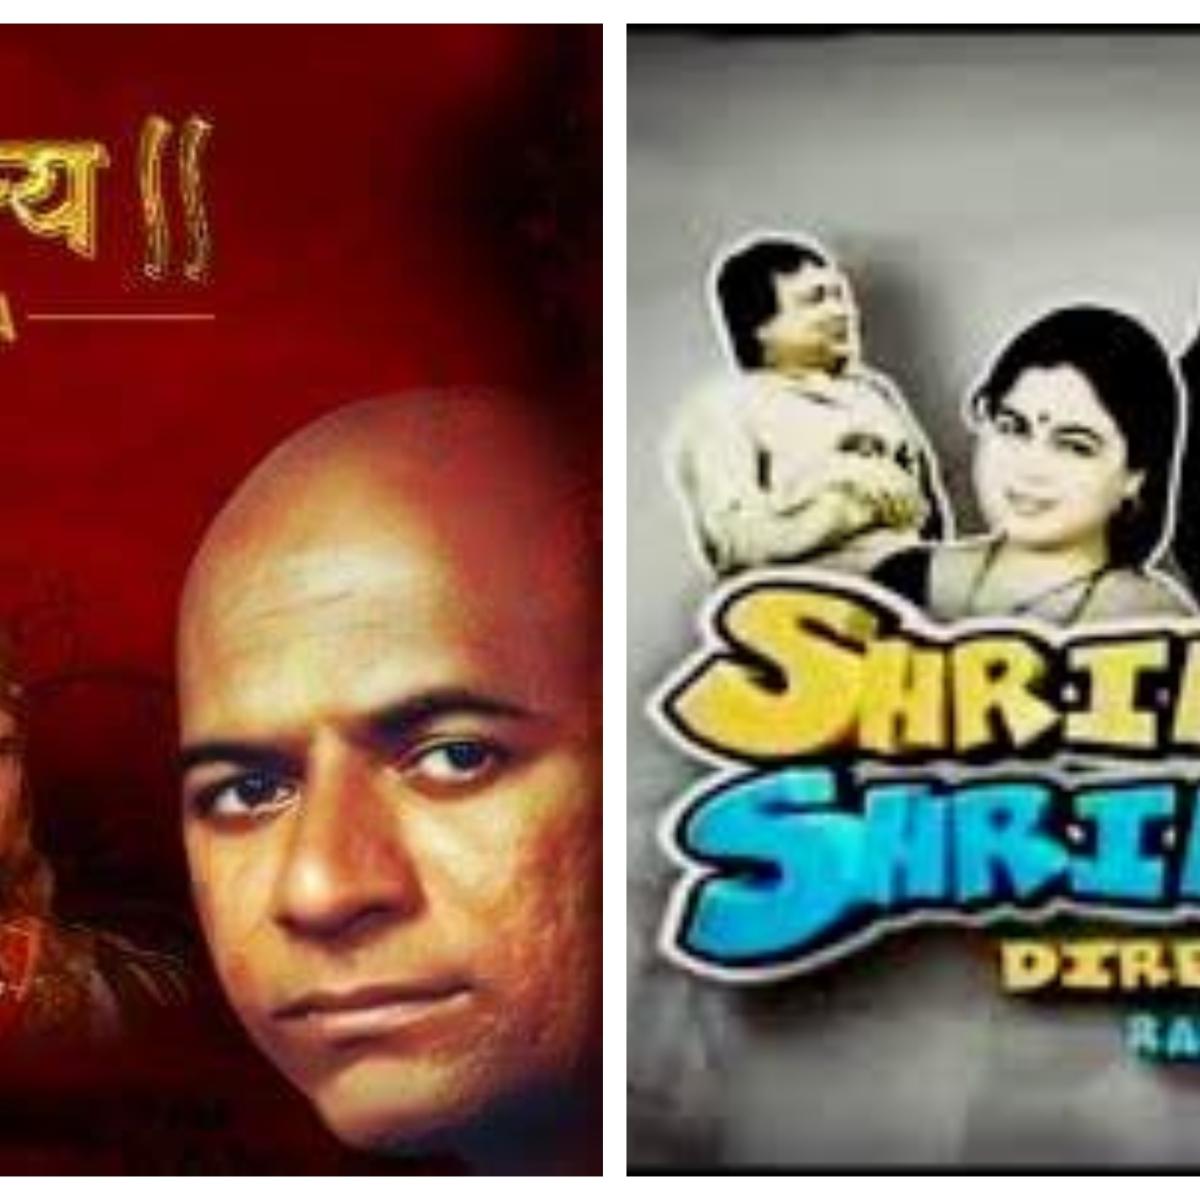 Chanakya and Shriman Shrimati set to make a comeback on Doordarshan